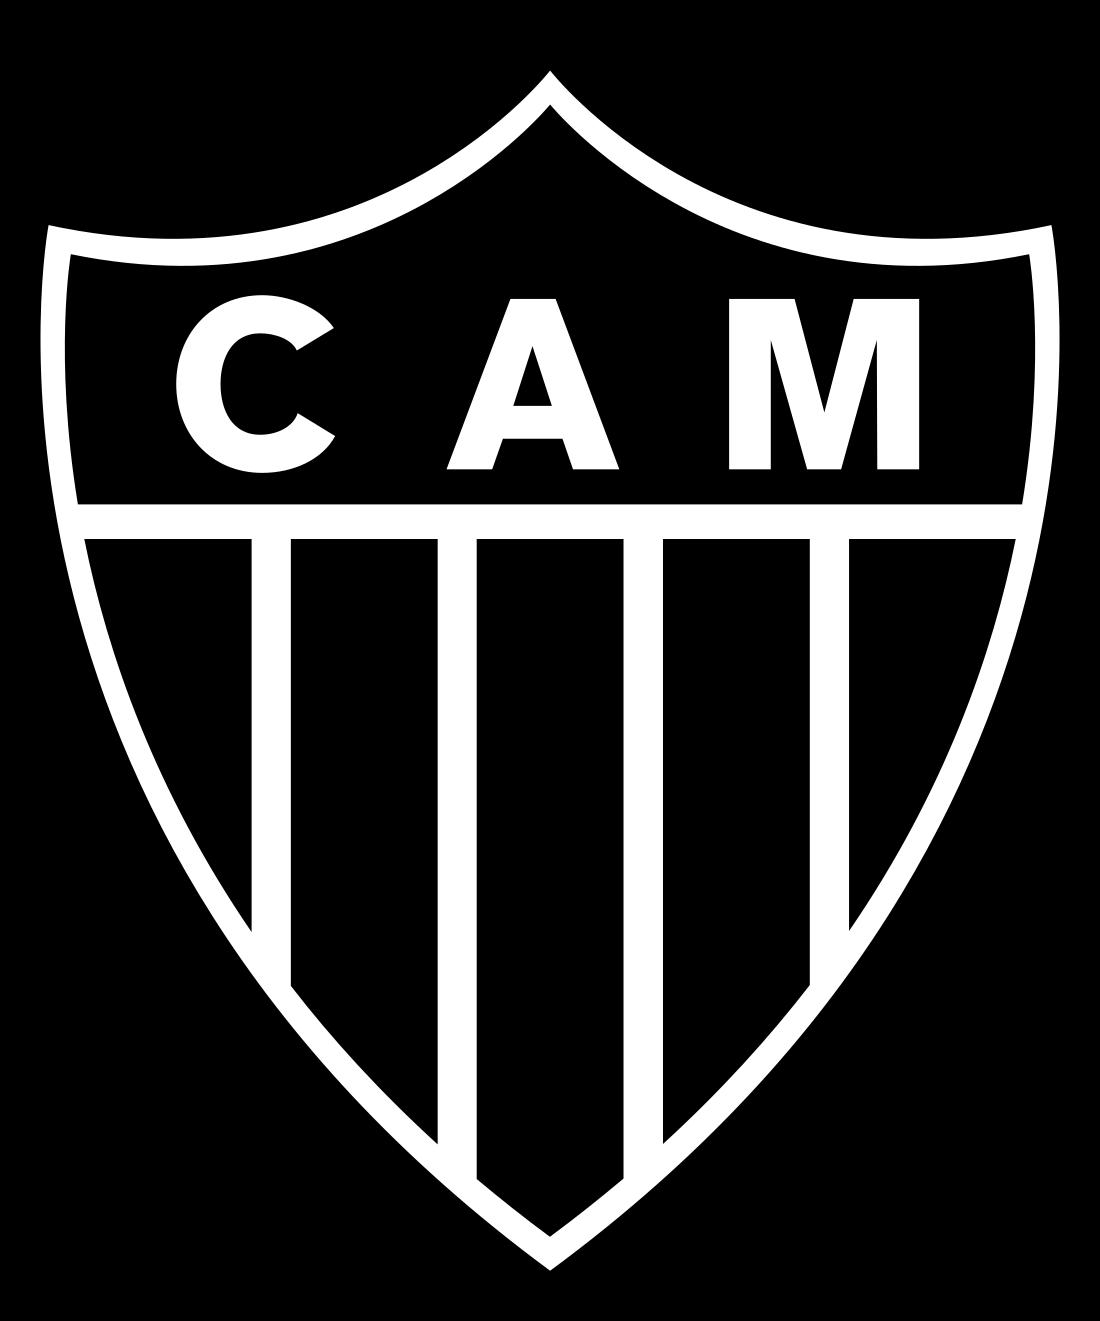 atletico mineiro logo escudo 7 - Atlético Mineiro Logo